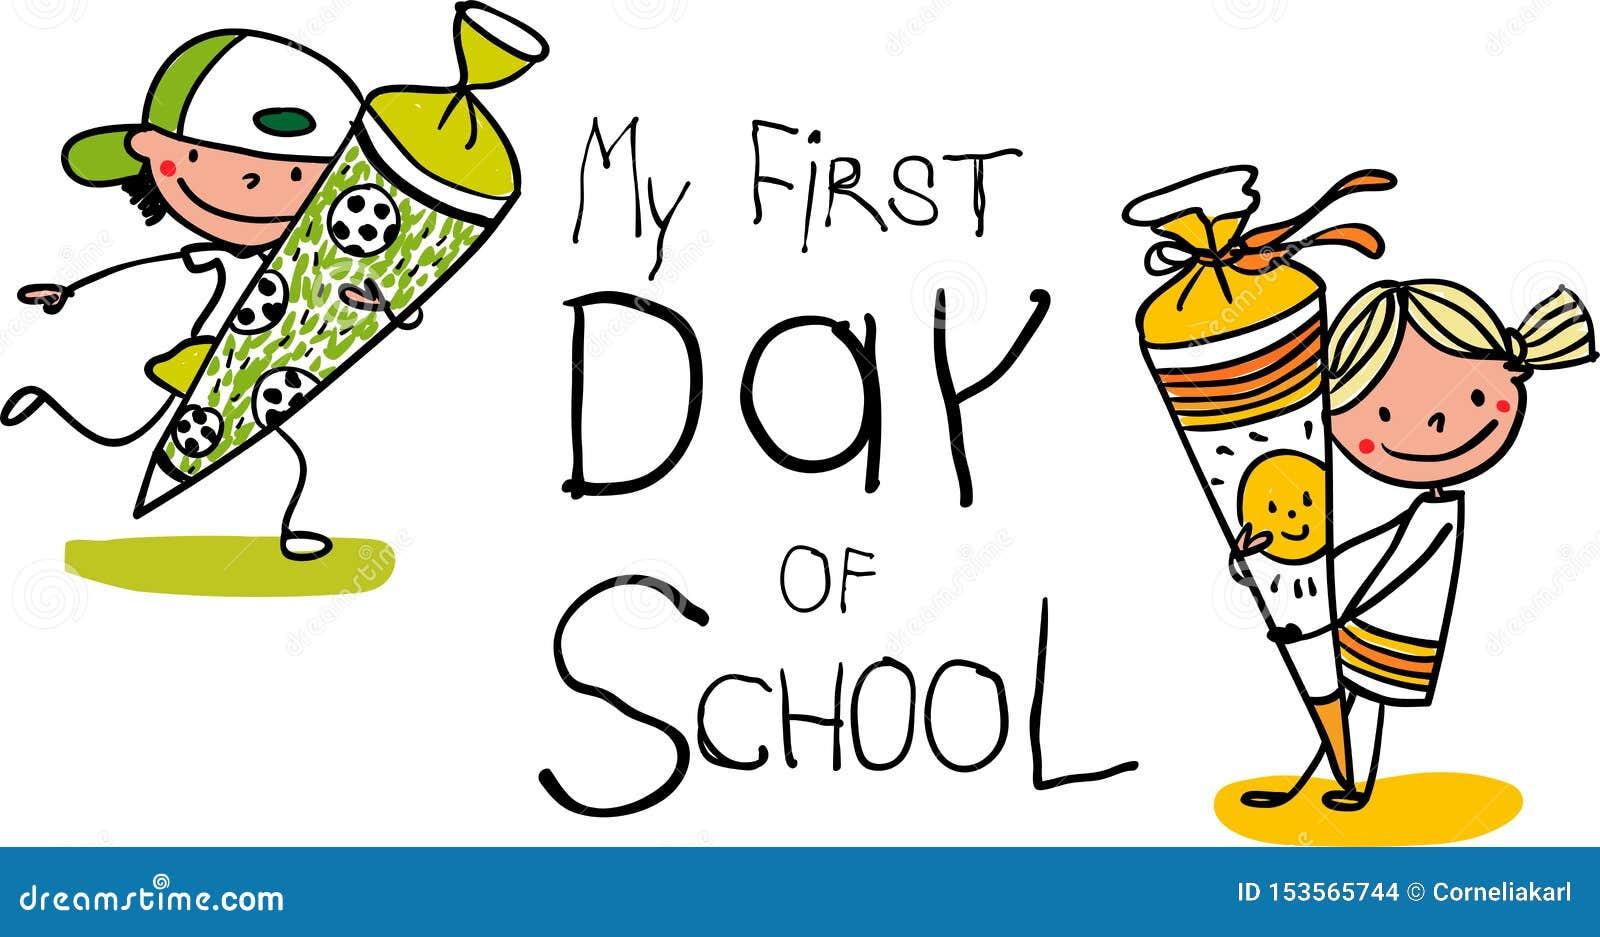 Inschrijving - Eerste Dag van school - Leuke eerste nivelleermachines met schoolkegels - kleurrijk hand getrokken beeldverhaal